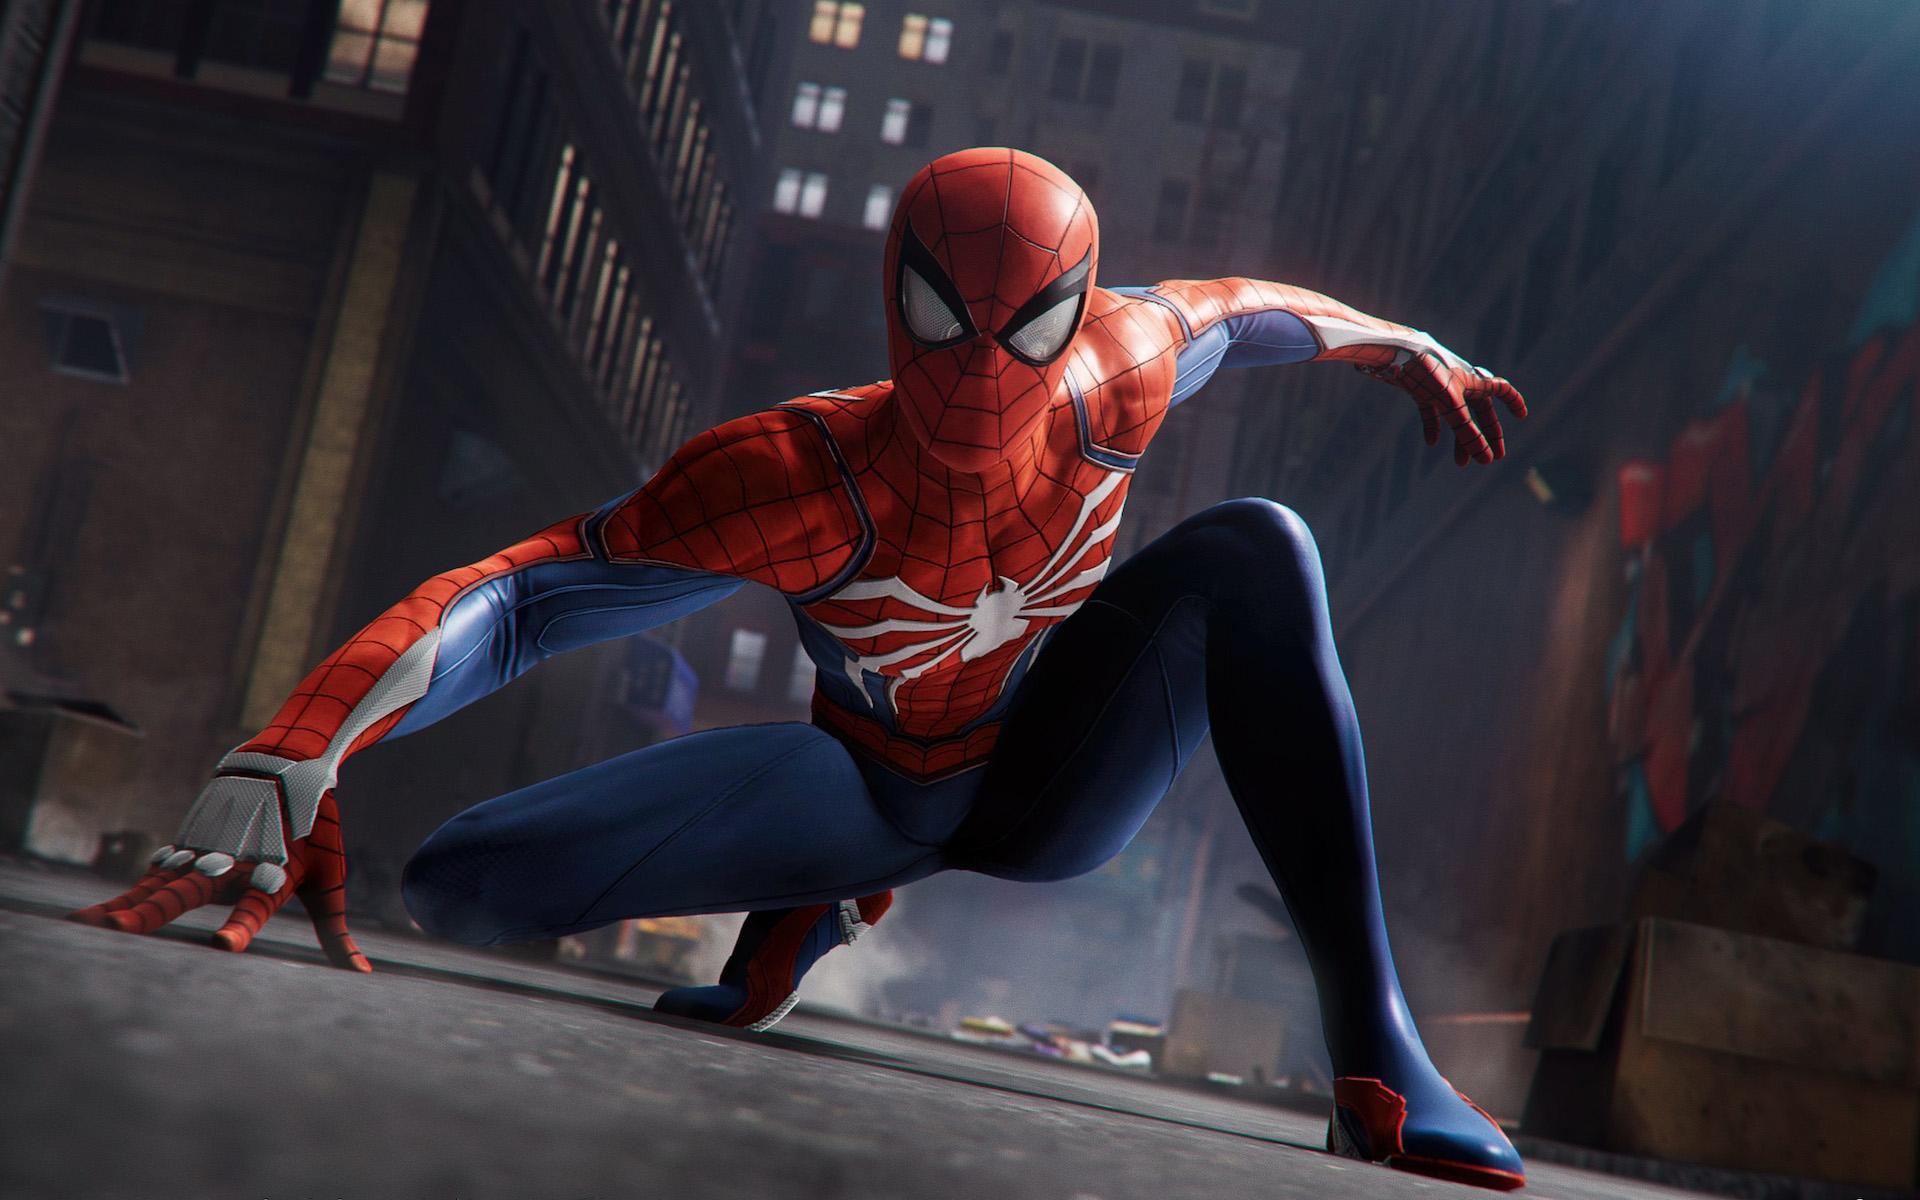 پس از اتمام بخش داستانی Spider-Man امکان تغییر آب و هوا وجود خواهد داشت